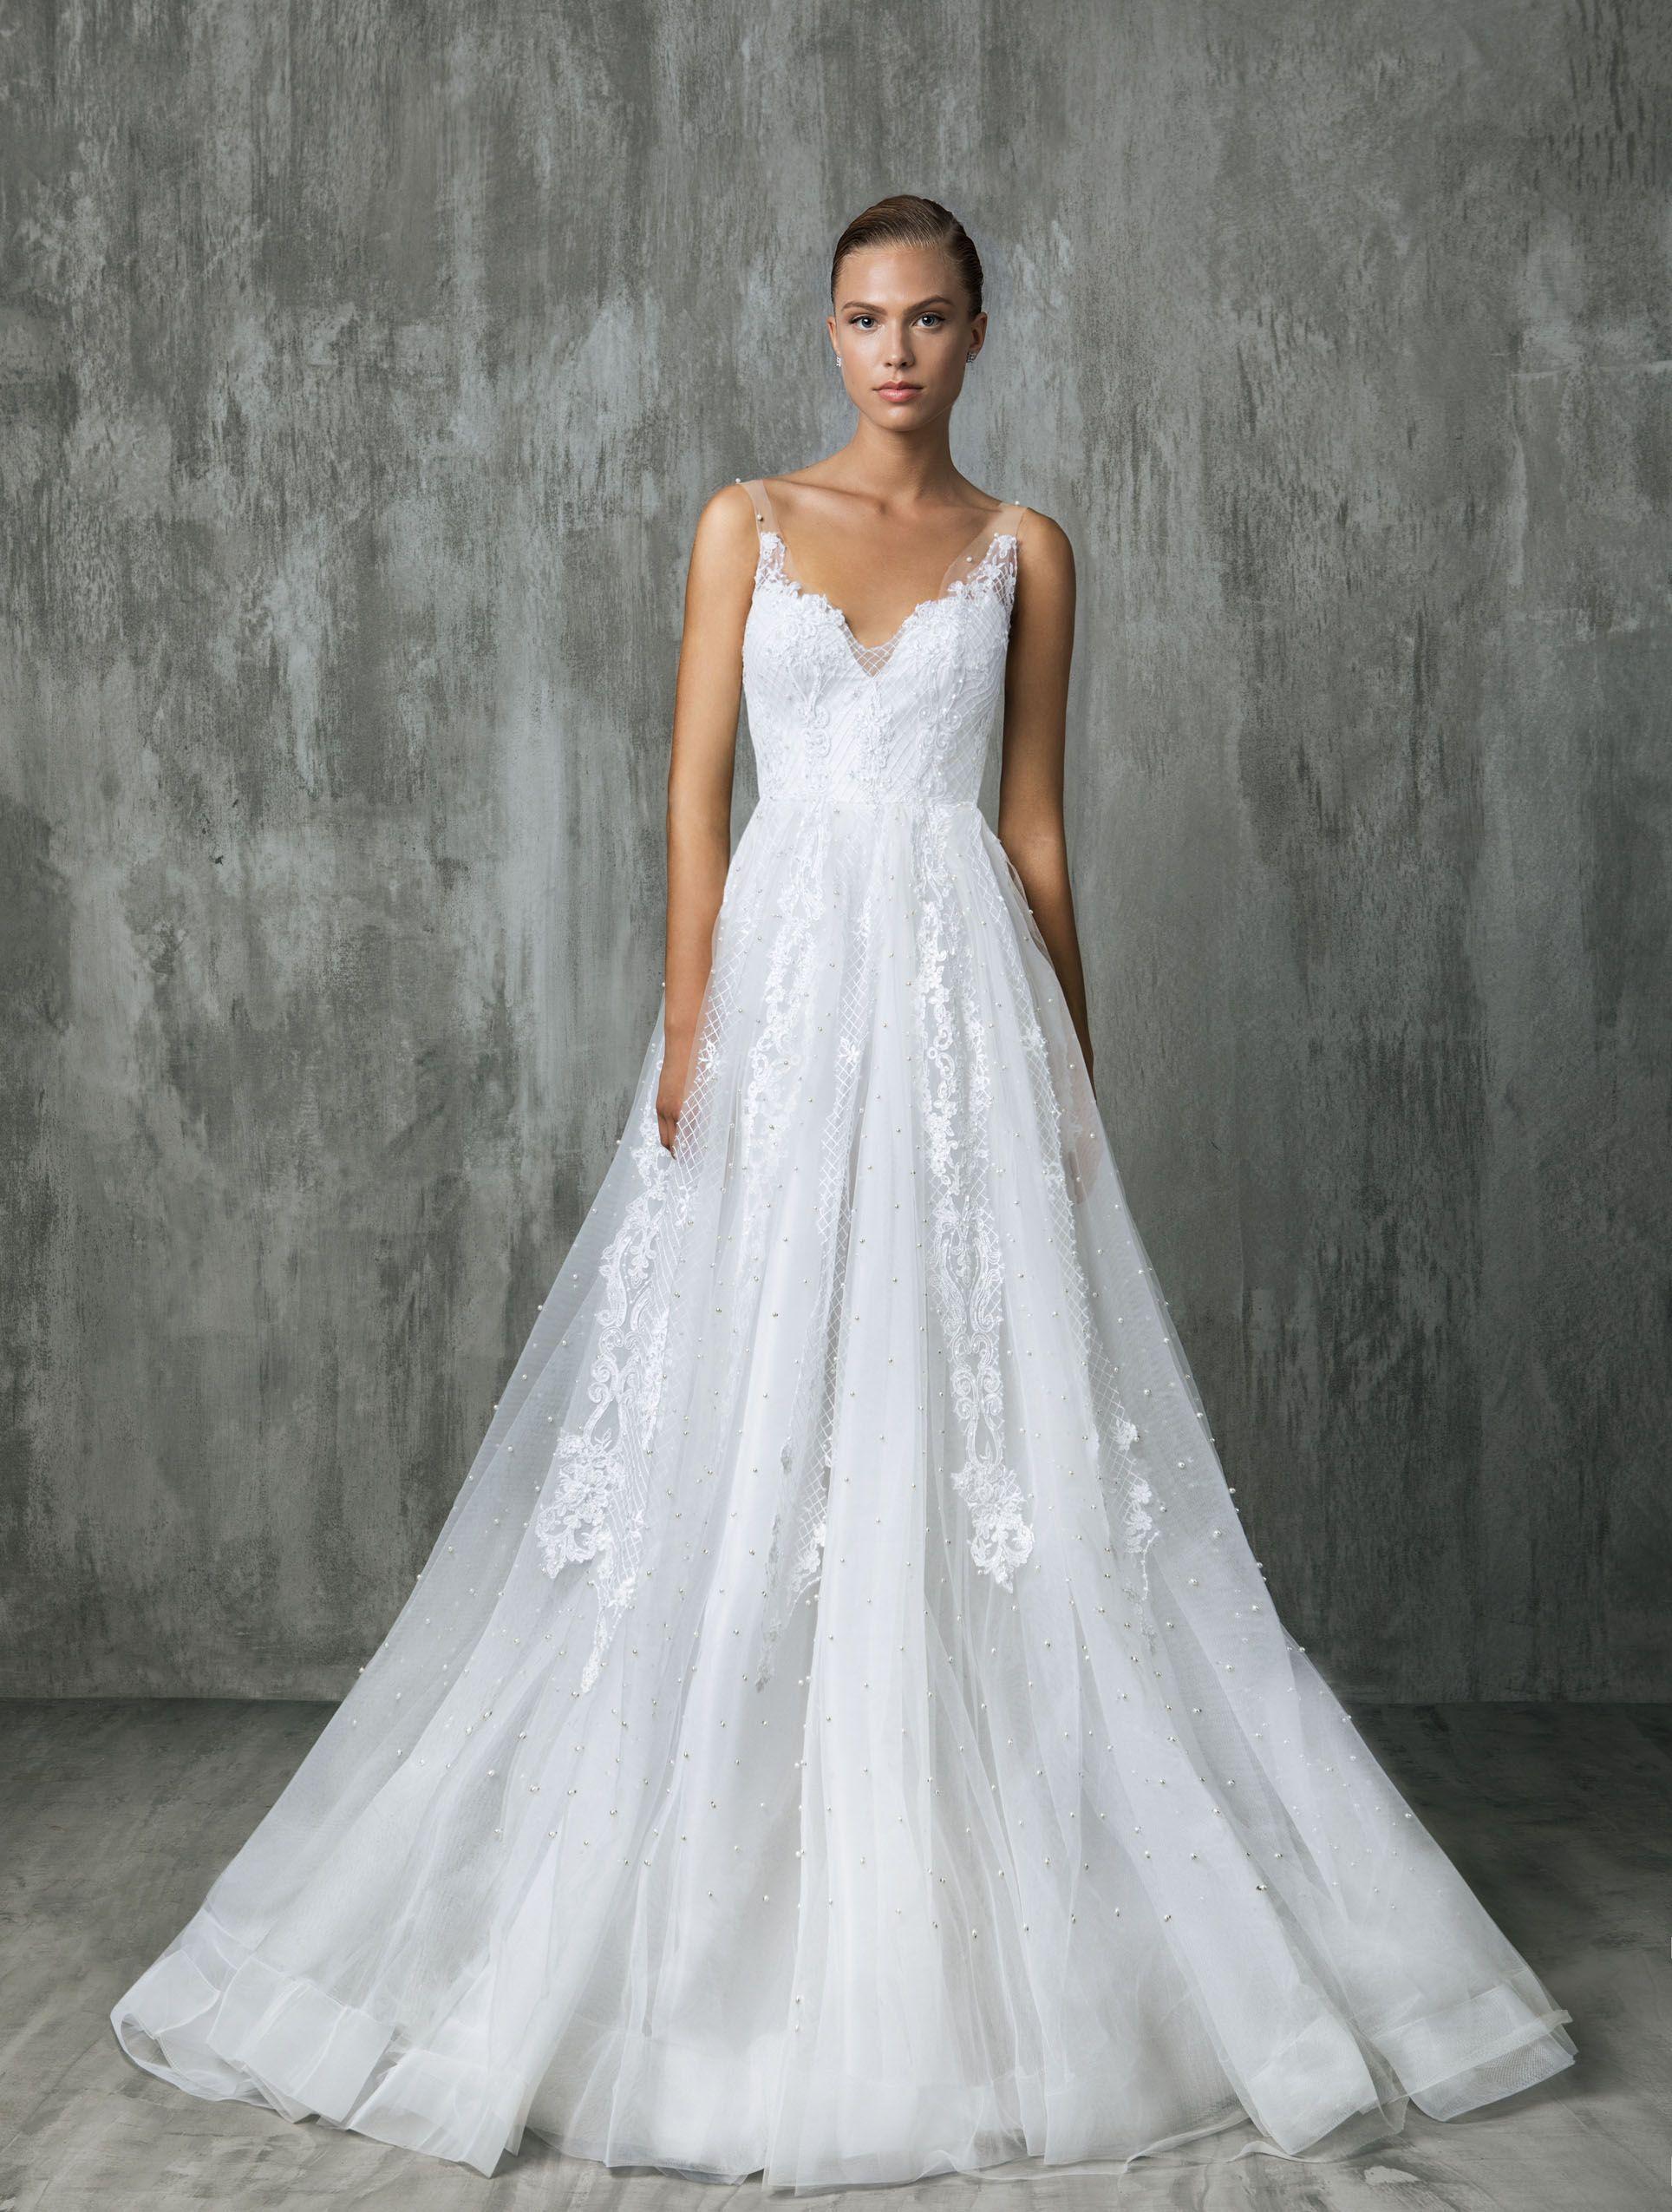 Groß Fallen Brautkleid Gast Fotos - Brautkleider Ideen - cashingy.info